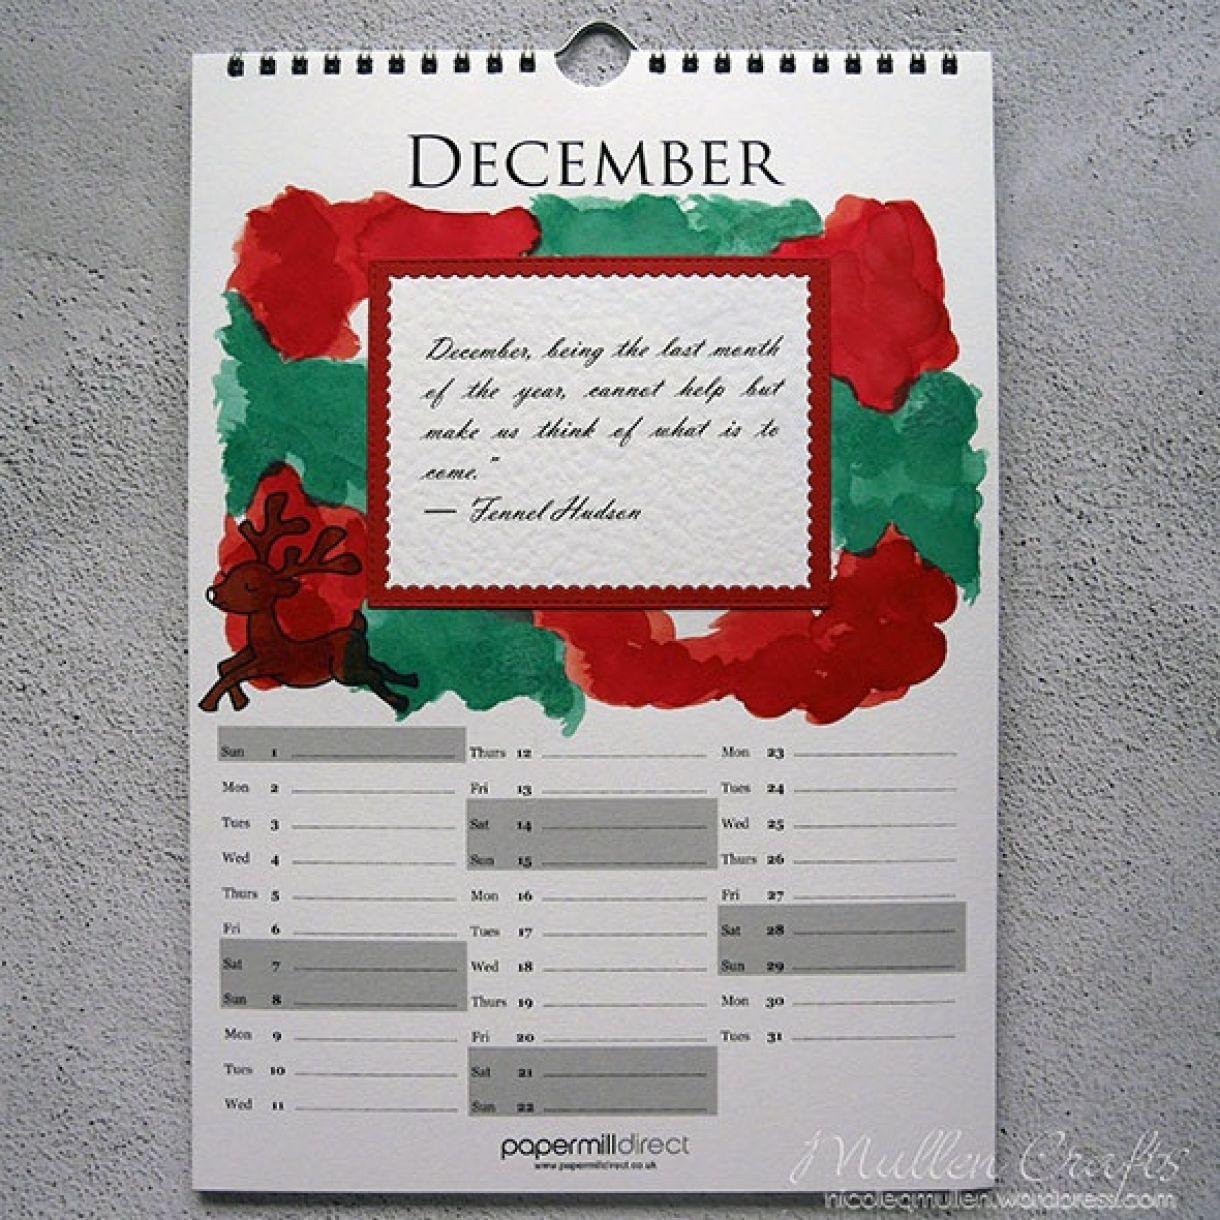 Nicole Calendar Page December 1